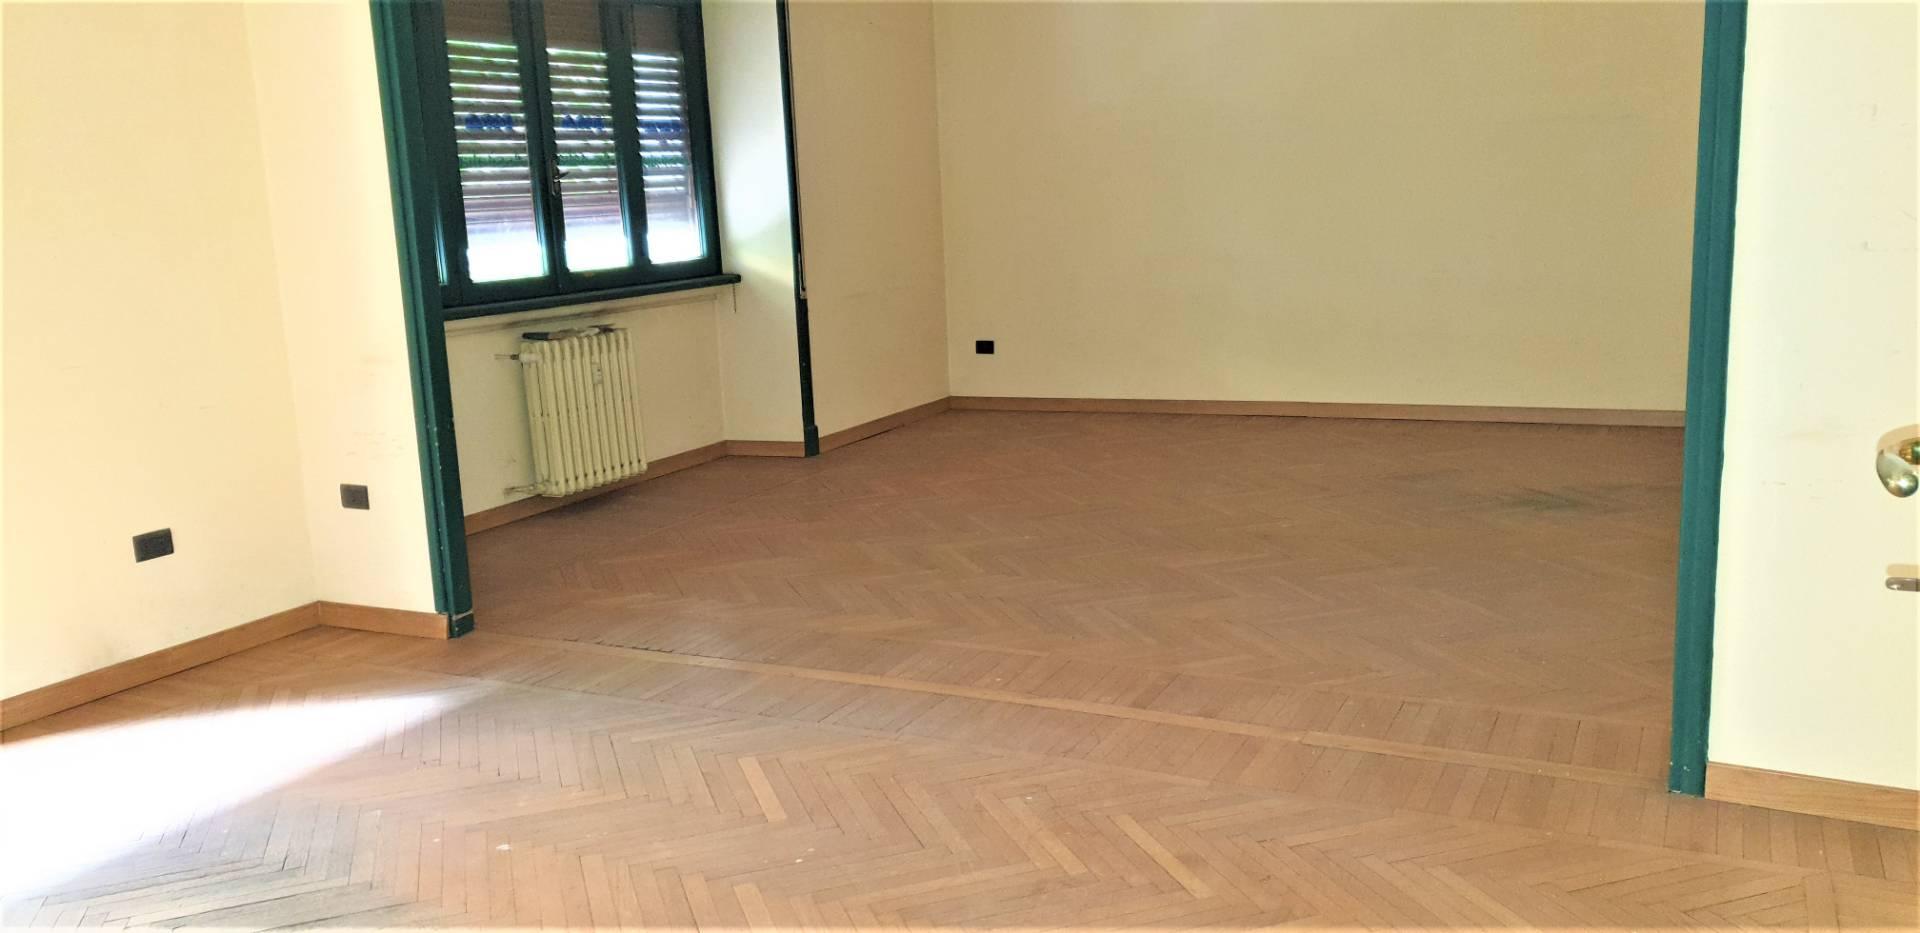 Ufficio / Studio in affitto a Viterbo, 9999 locali, zona Zona: Centro, prezzo € 1.000   CambioCasa.it